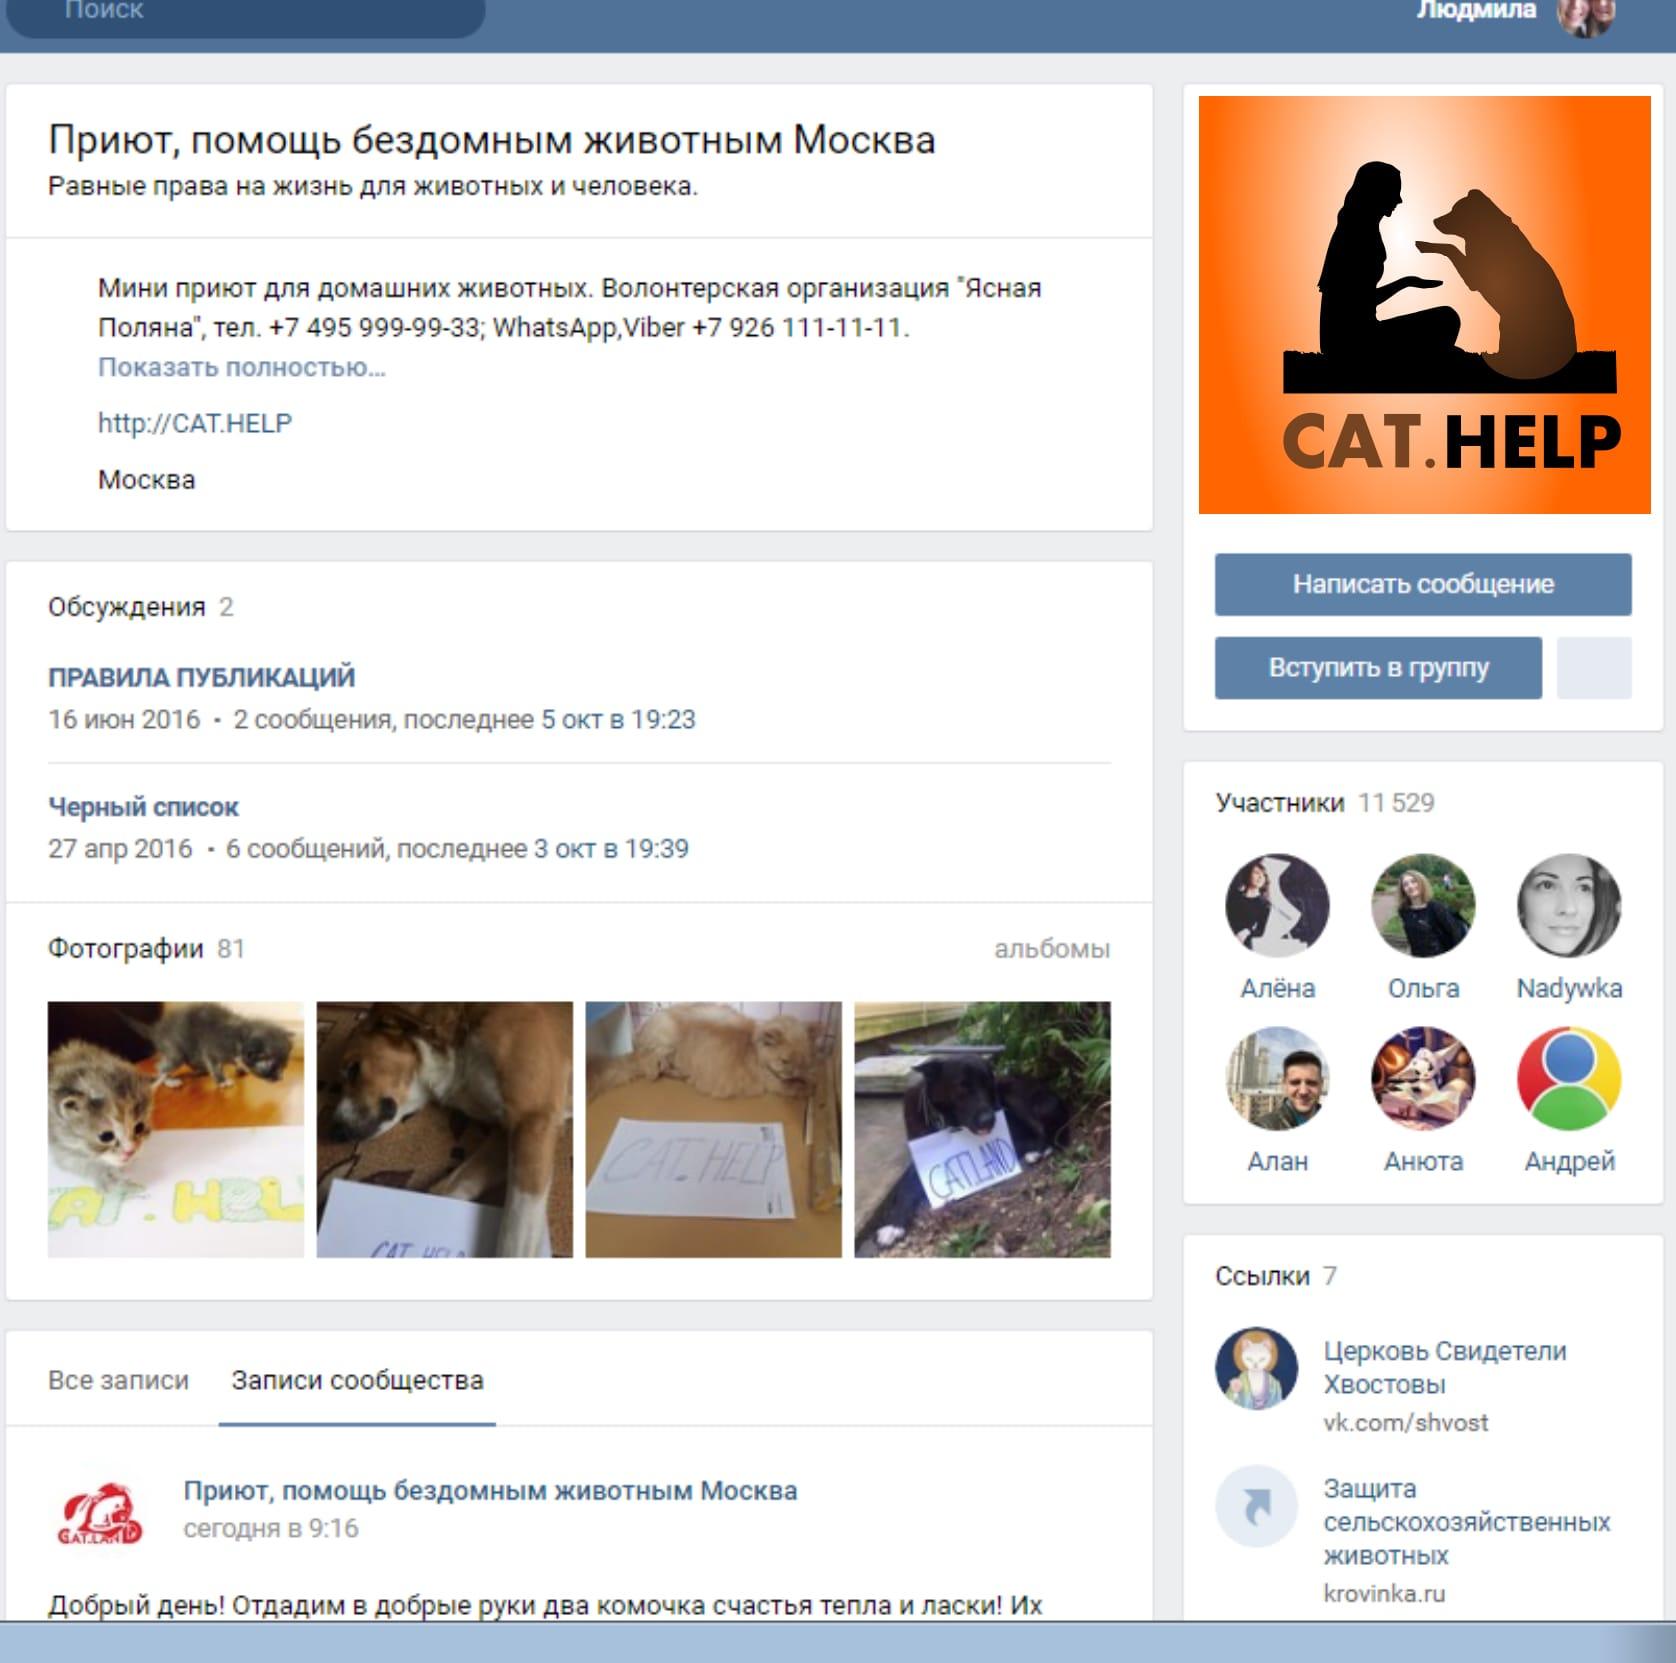 логотип для сайта и группы вк - cat.help фото f_58859dc9af580b69.jpg